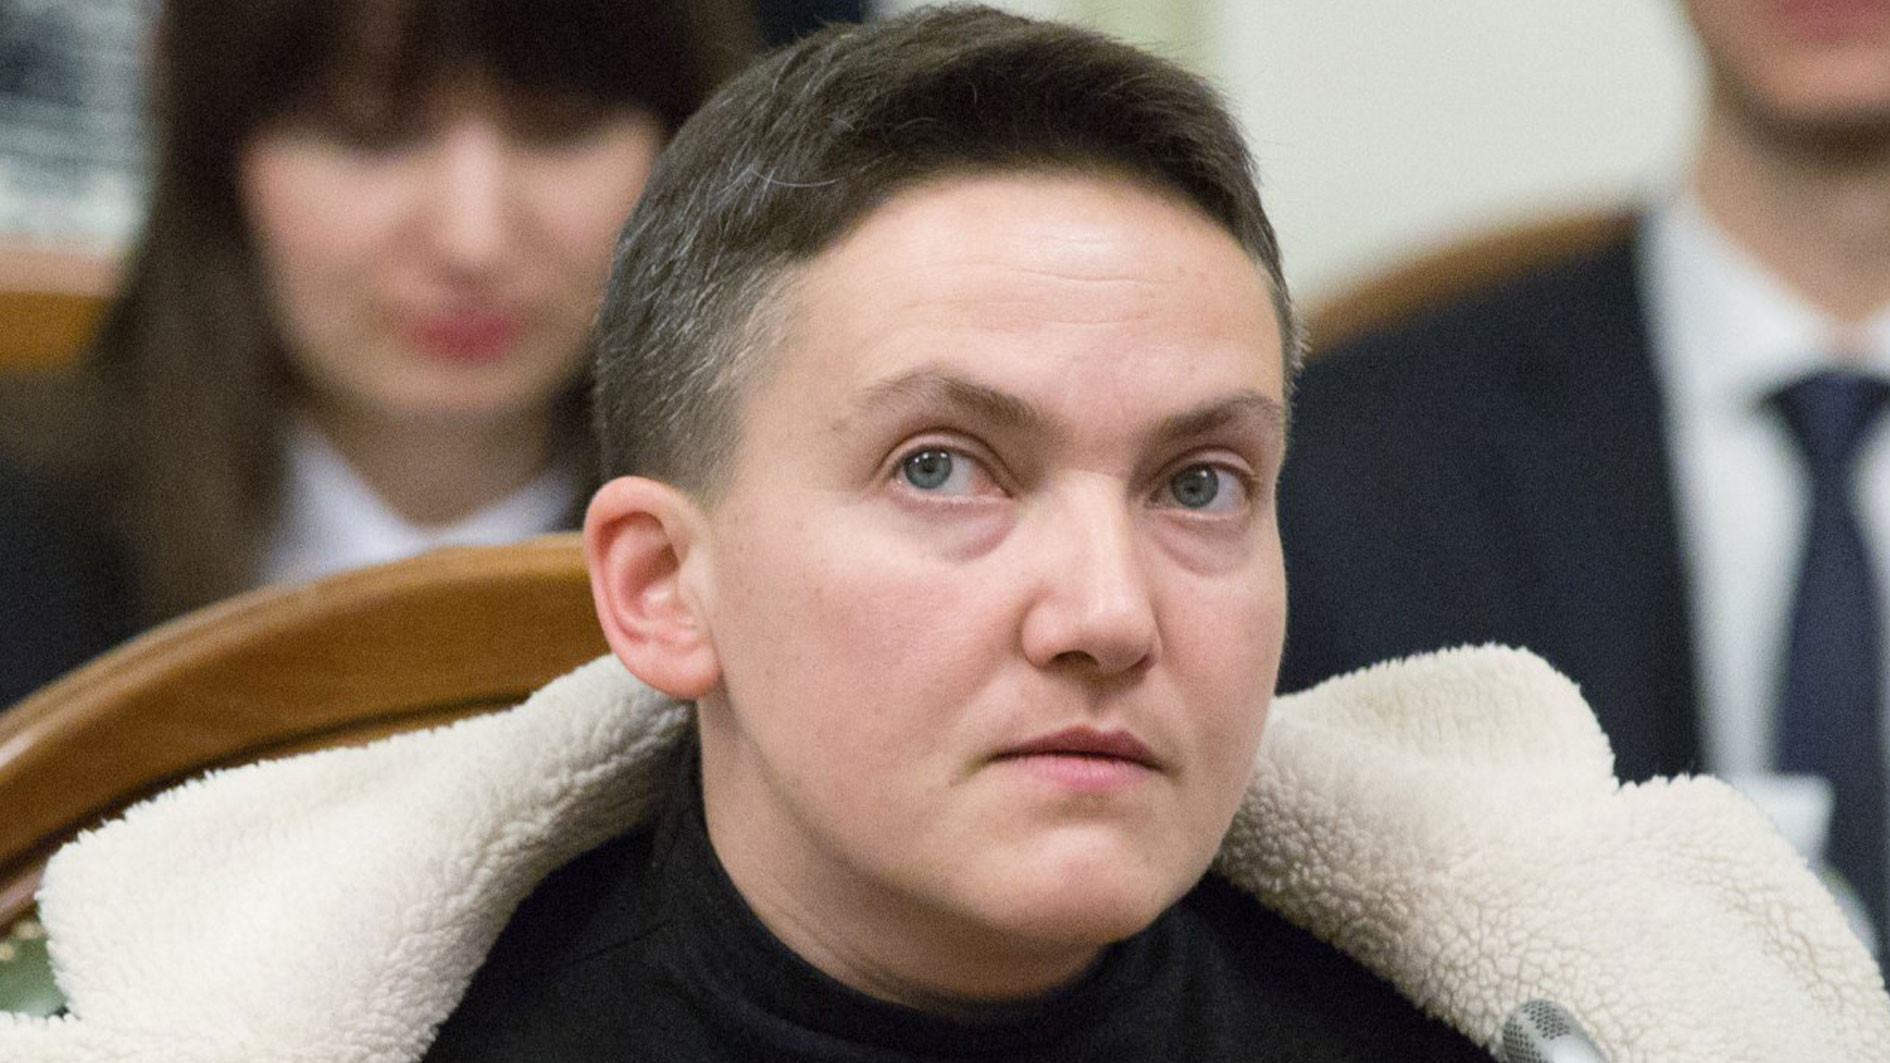 случае энцефалитом, что сделала надежда савченко украина фото зарядку становись